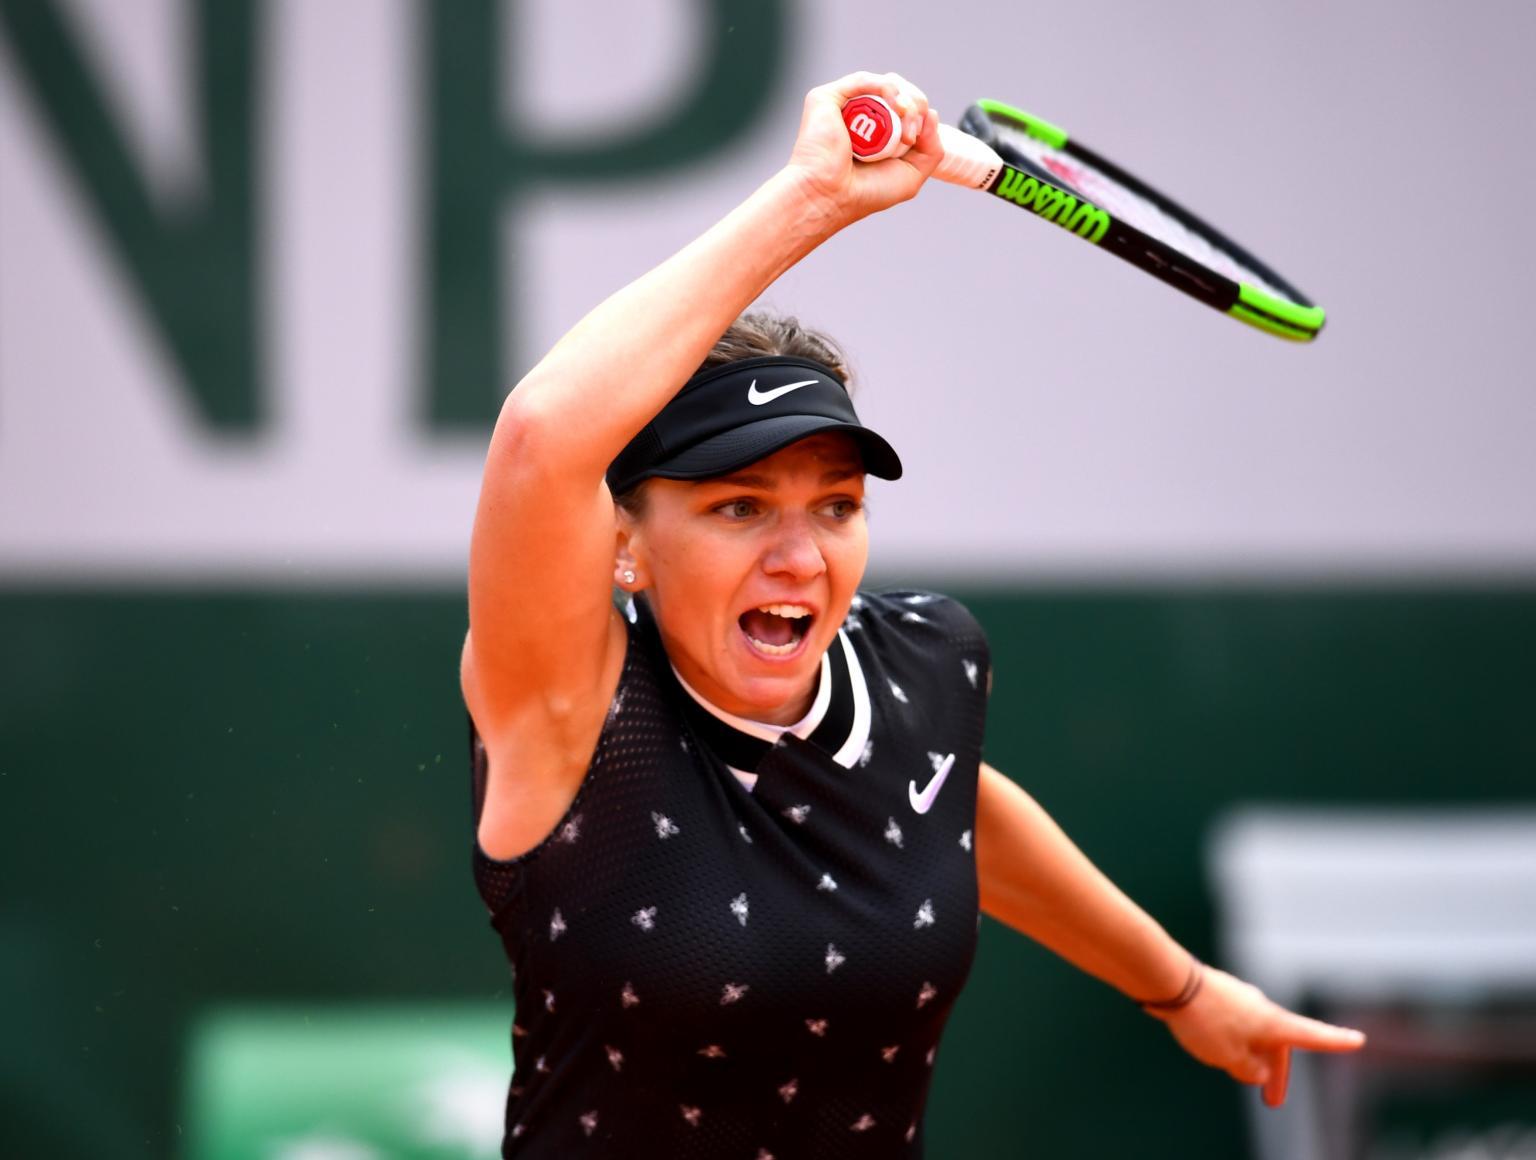 Simona Halep aplica pneu e atropela jovem polonesa em Roland Garros